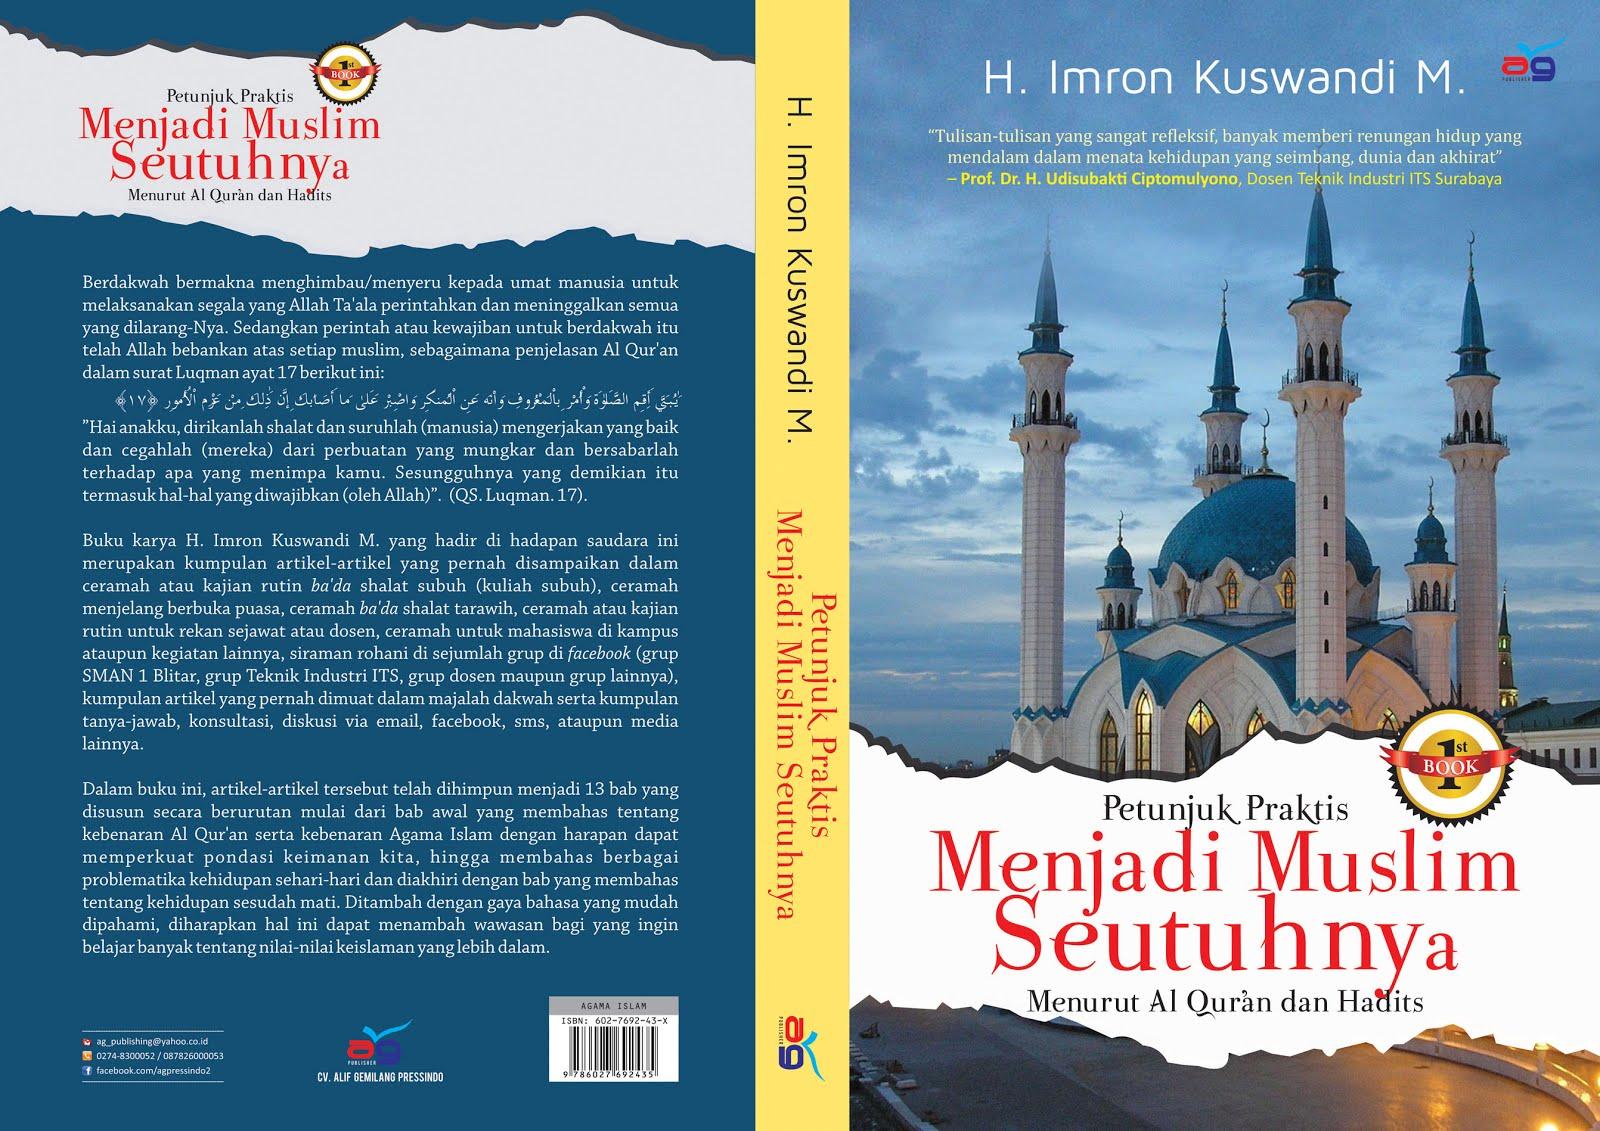 Buku Jilid 1